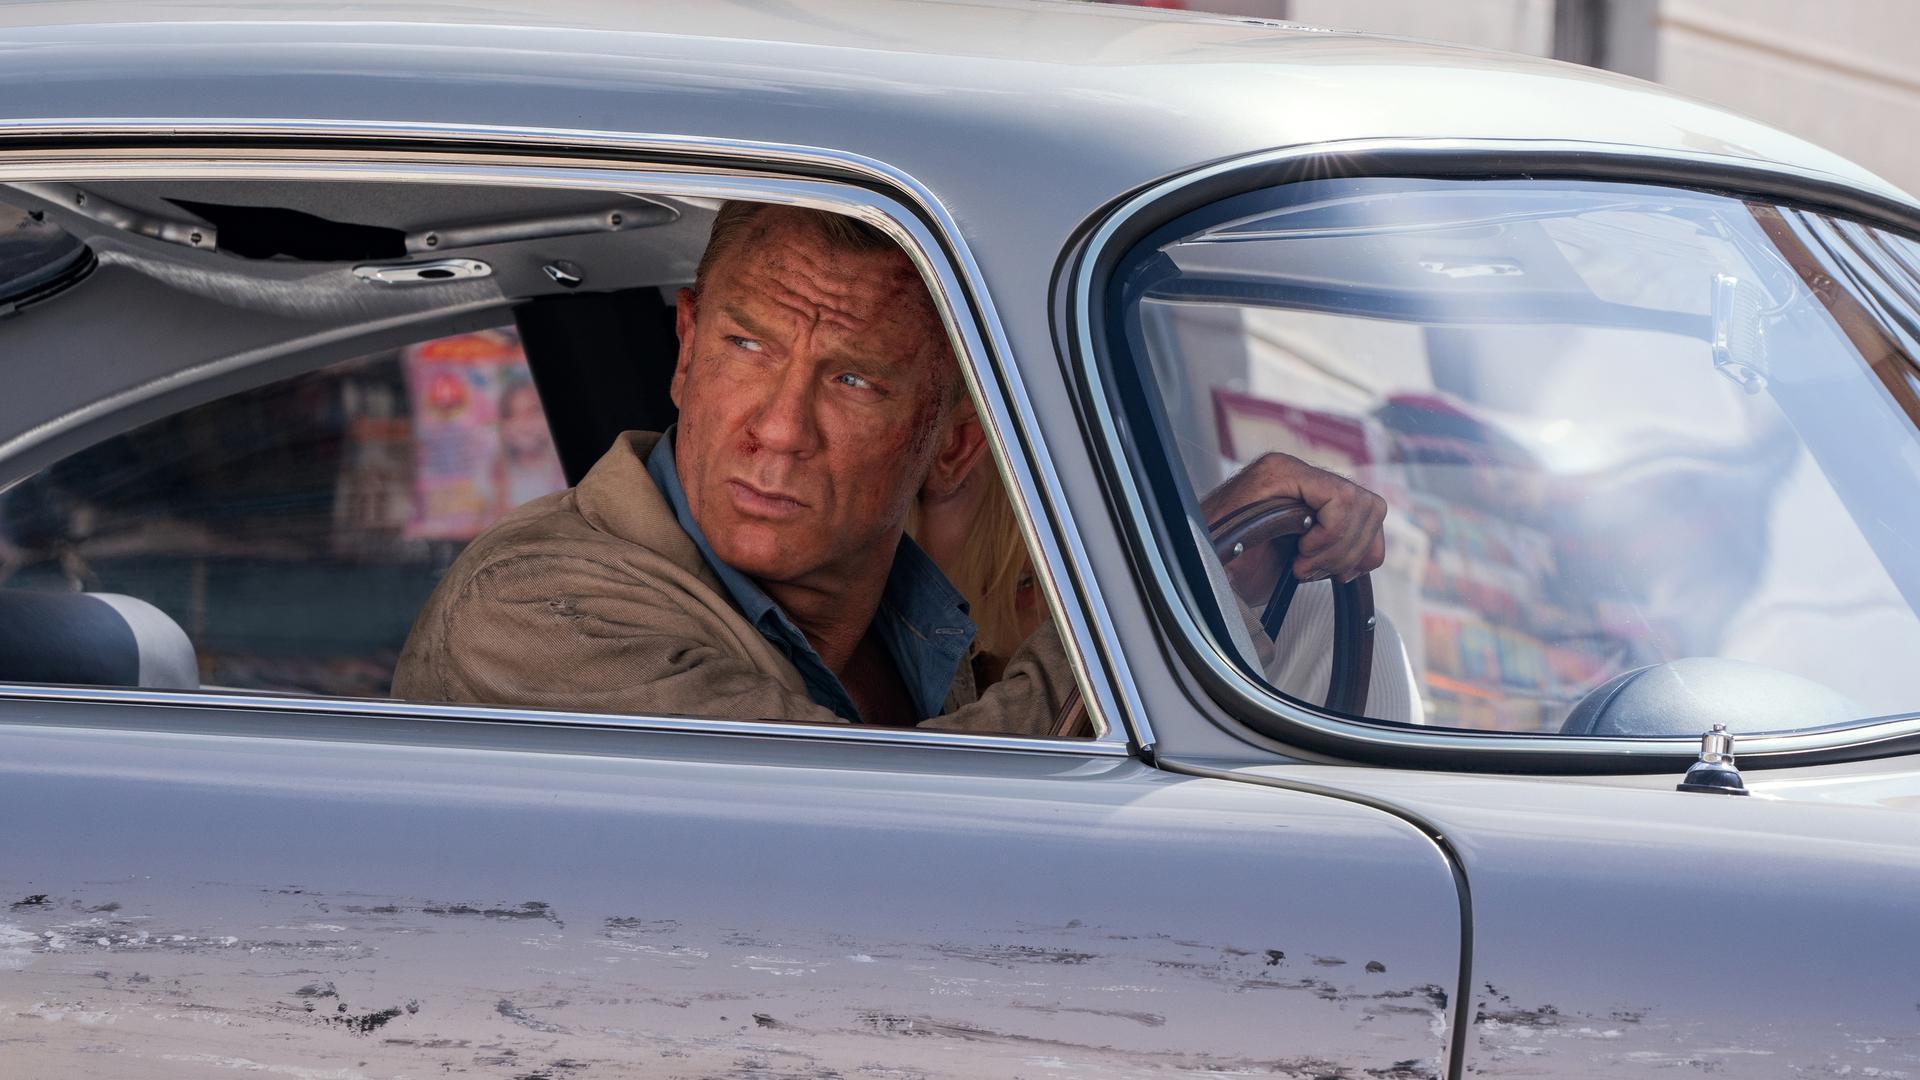 """HANDOUT - 16.08.2019, Großbritannien, ---: Daniel Craig als James Bond in einer Szene des Films """"James Bond 007 - Keine Zeit zu sterben"""" (undatierte Filmszene). Der Film kommt am 30.09.2021 in die deutschen Kinos. (zu dpa-Kinostarts) Foto: Nicola Dove/Universal Pictures/dpa - ACHTUNG: Nur zur redaktionellen Verwendung im Zusammenhang mit einer Berichterstattung über den Film und nur mit vollständiger Nennung des vorstehenden Credits +++ dpa-Bildfunk +++"""